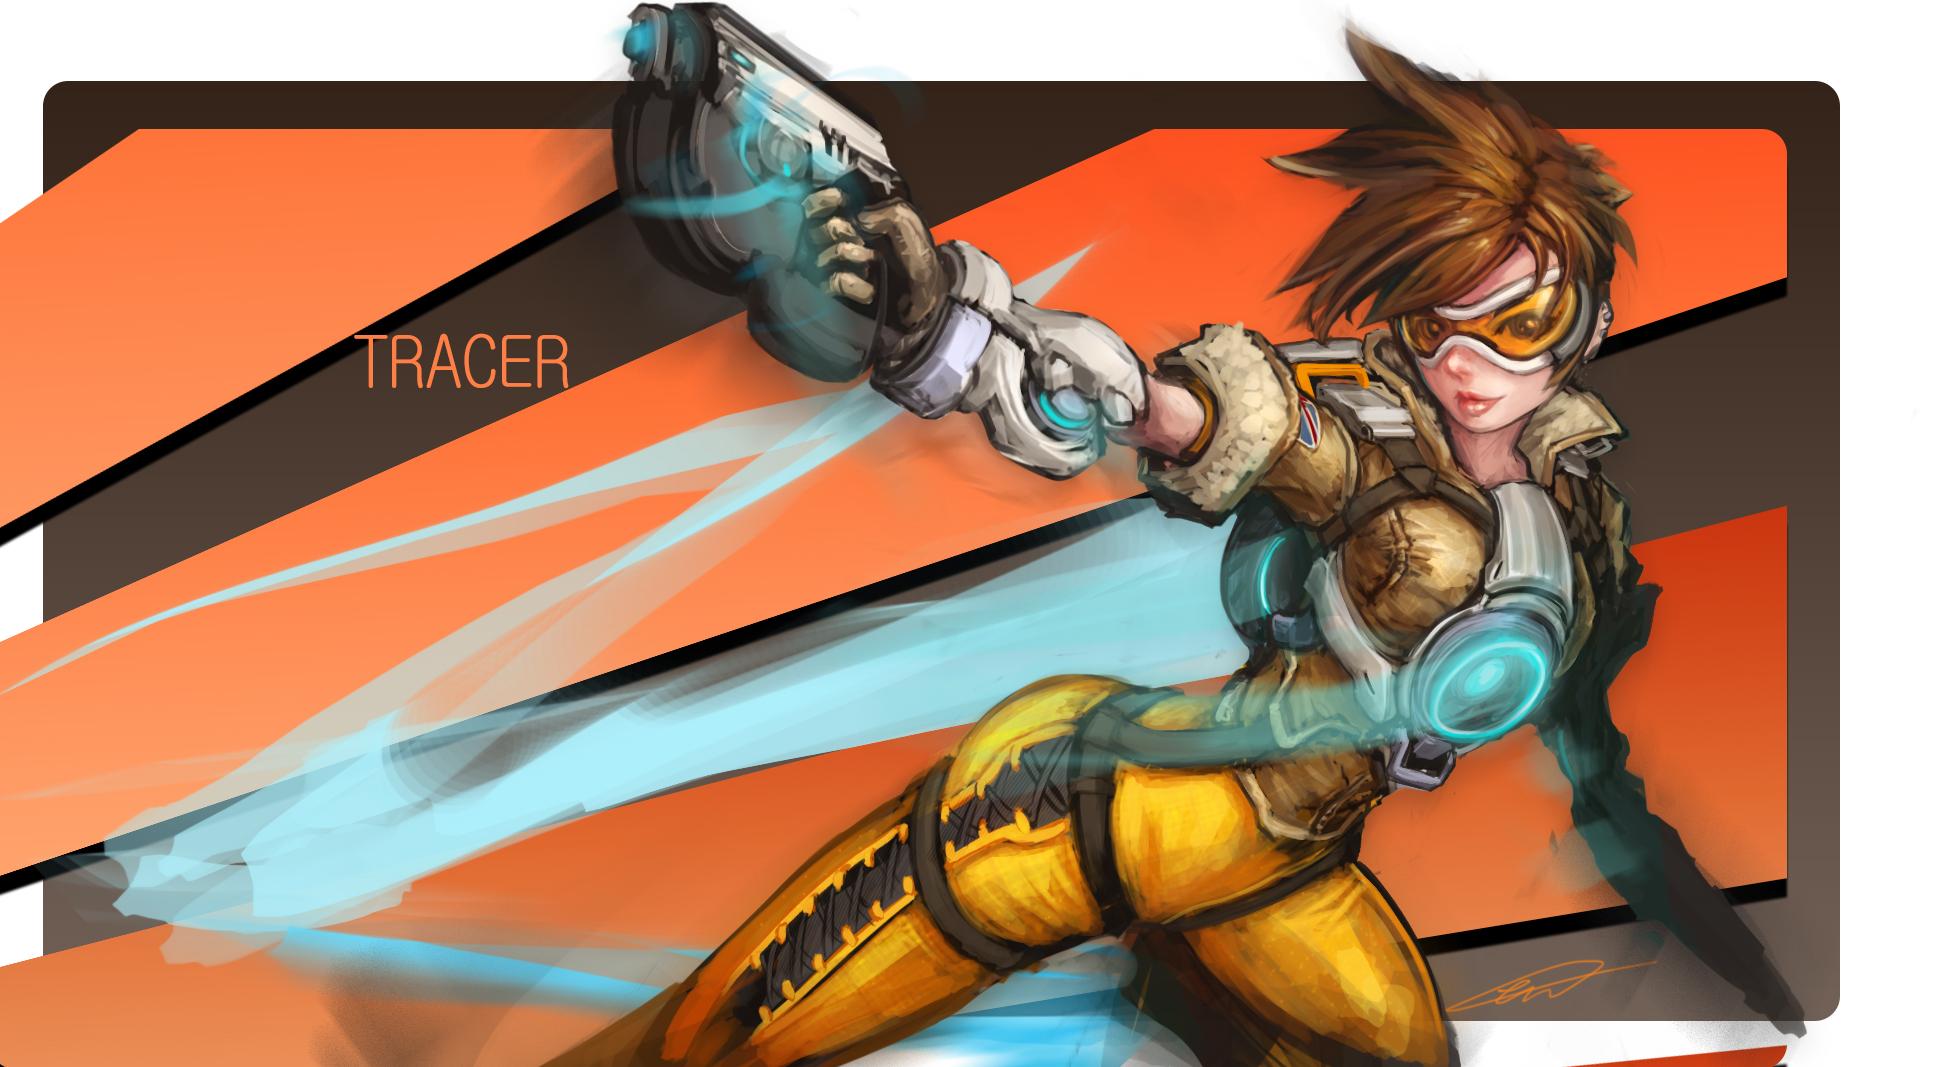 Overwatch Tracer Wallpaper - WallpaperSafari